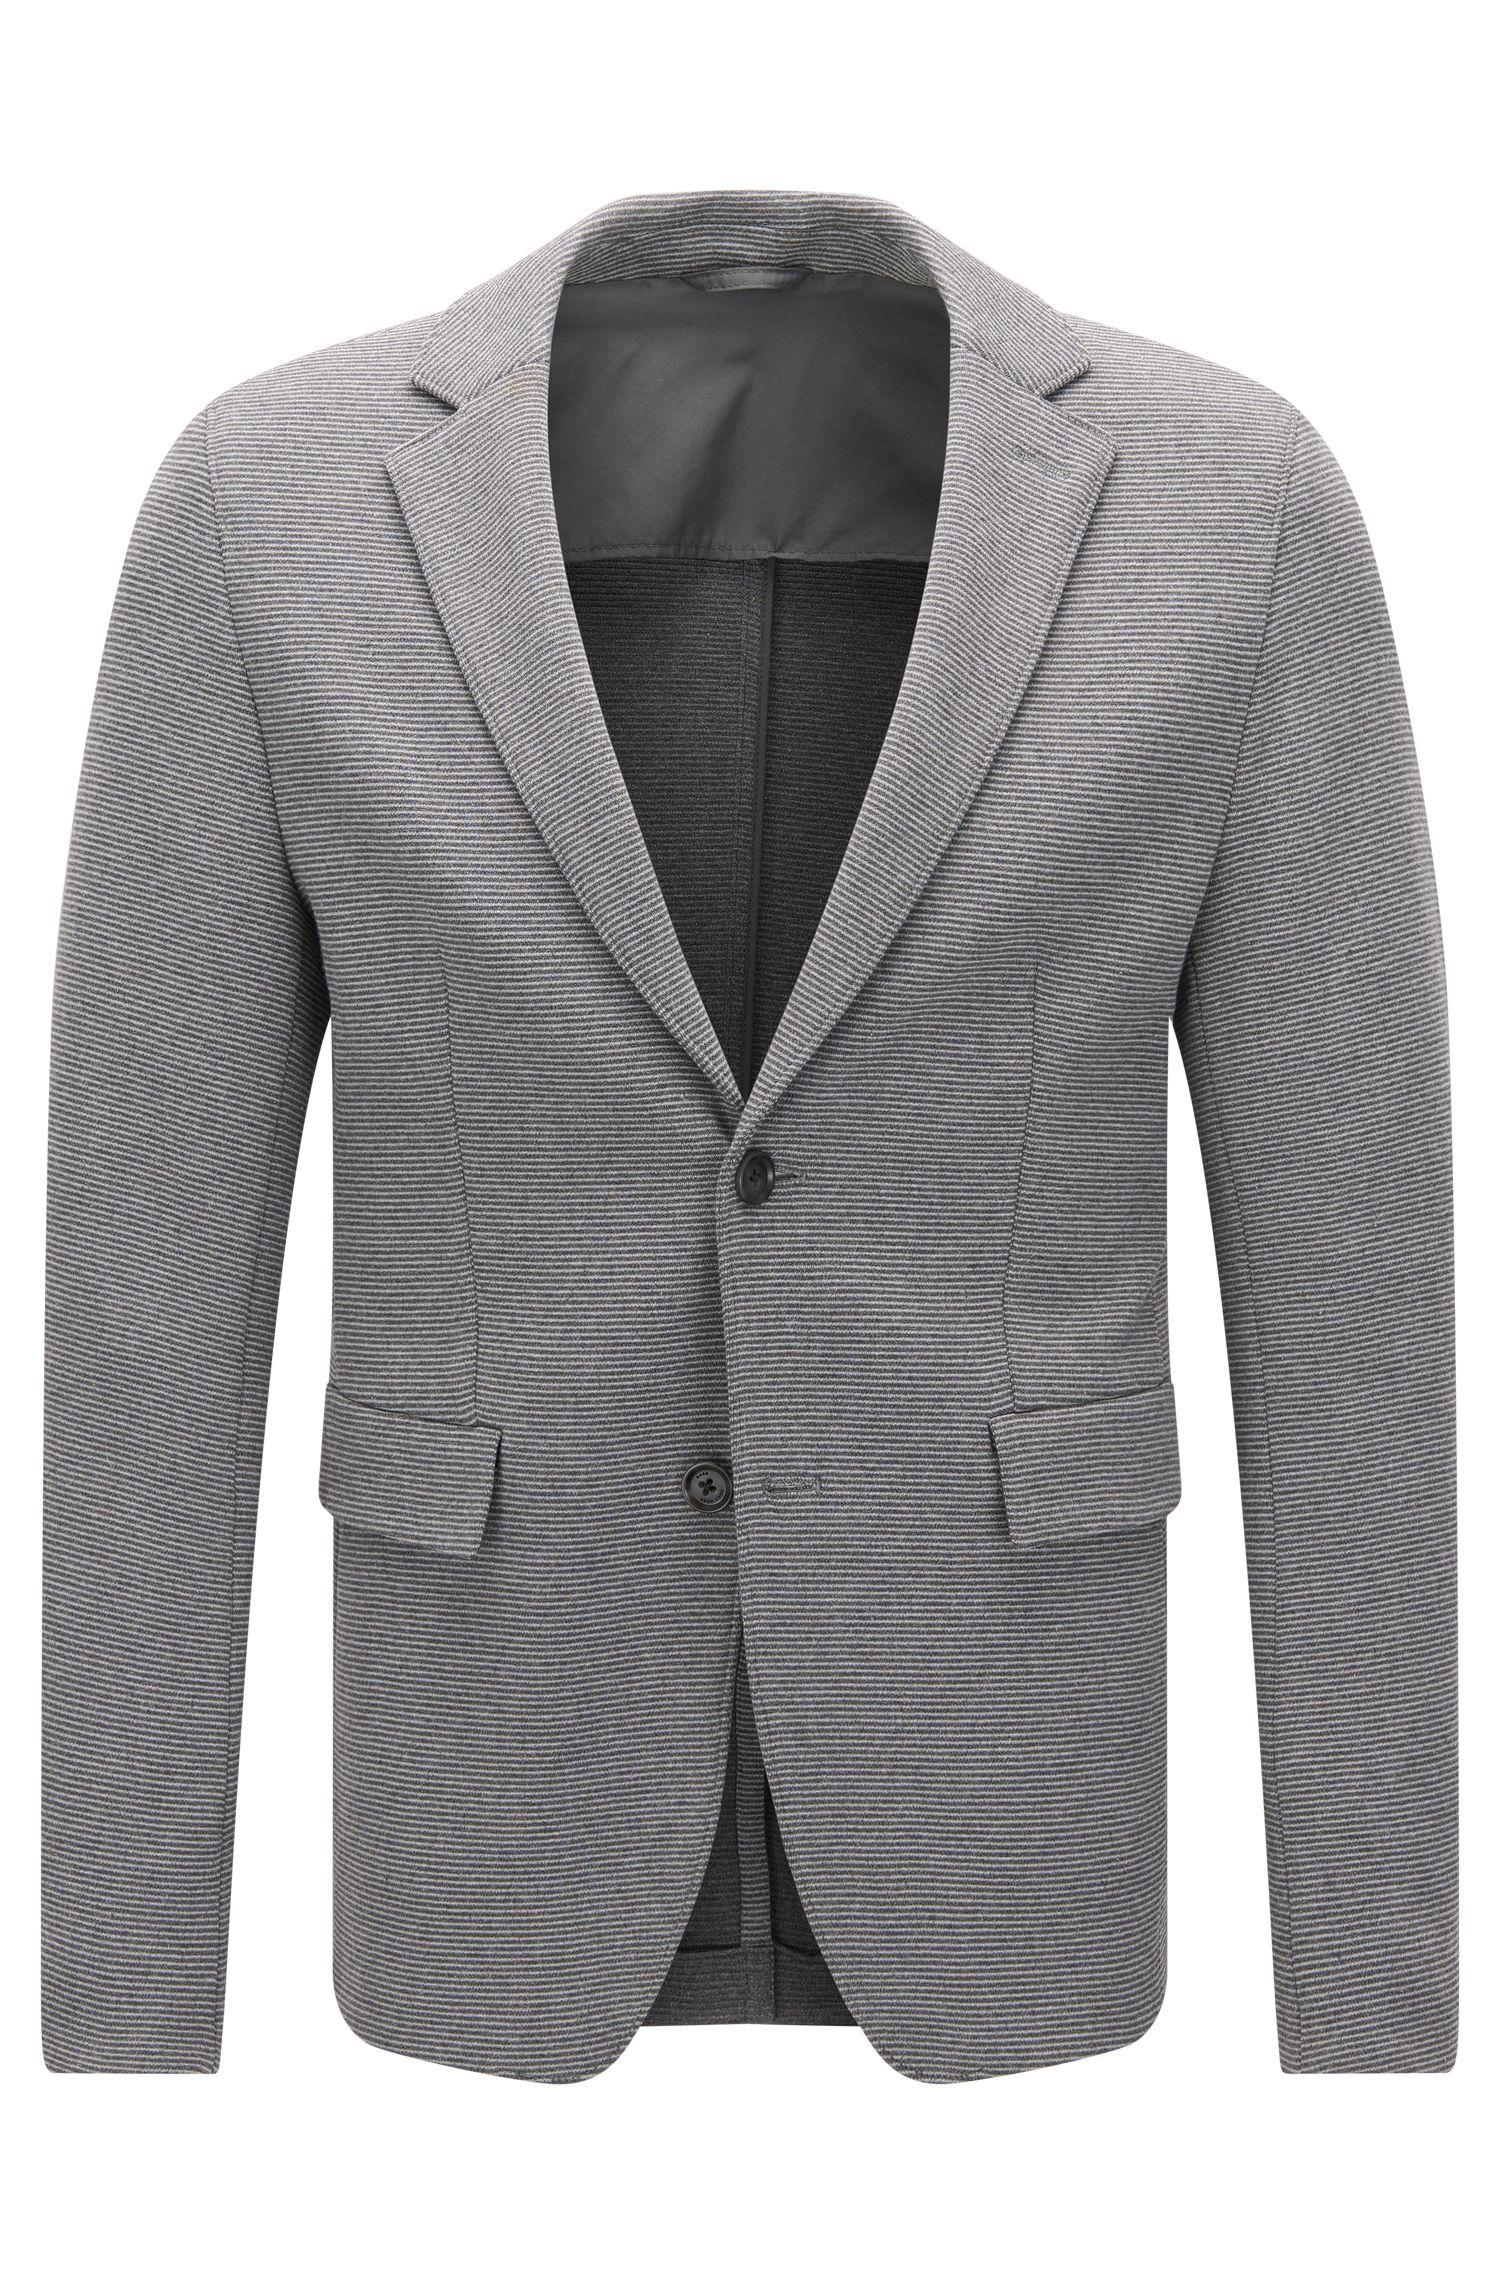 Veste Extra Slim Fit en coton stretch texturé mélangé